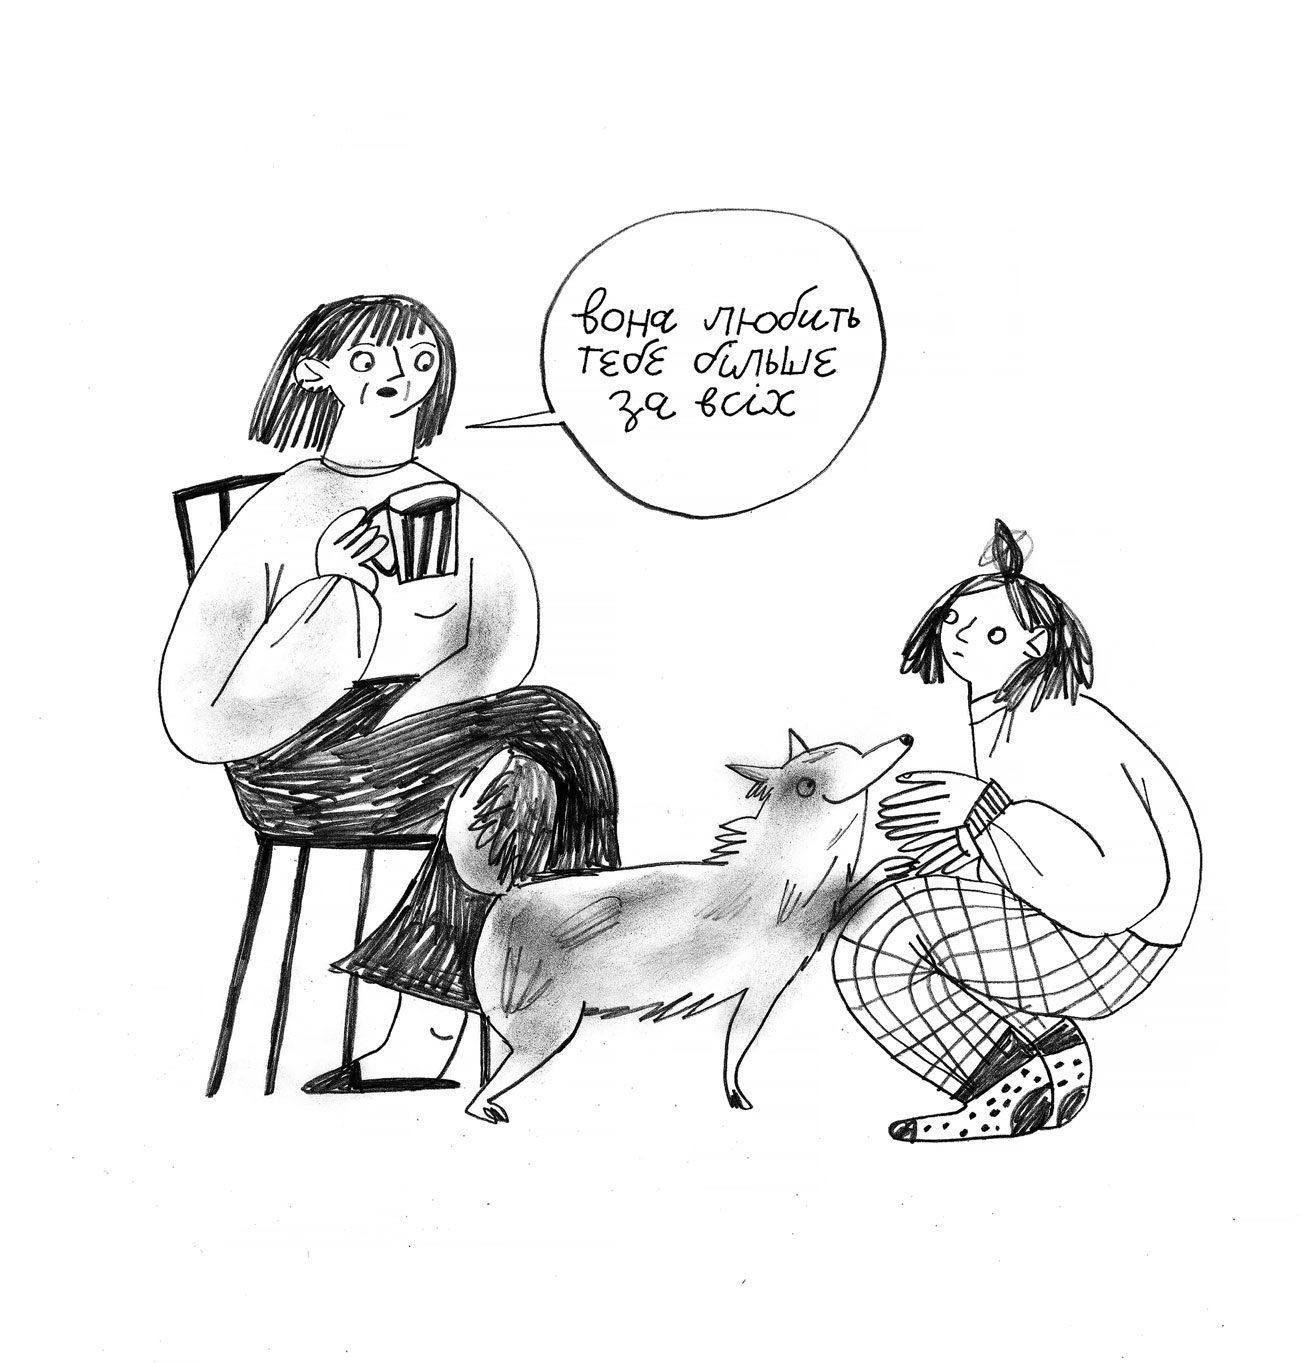 comics oliynik 28 - <b>Вам дісталася сумна дитина.</b> Комікс Жені Олійник про те, як депресія впливає на стосунки - Заборона